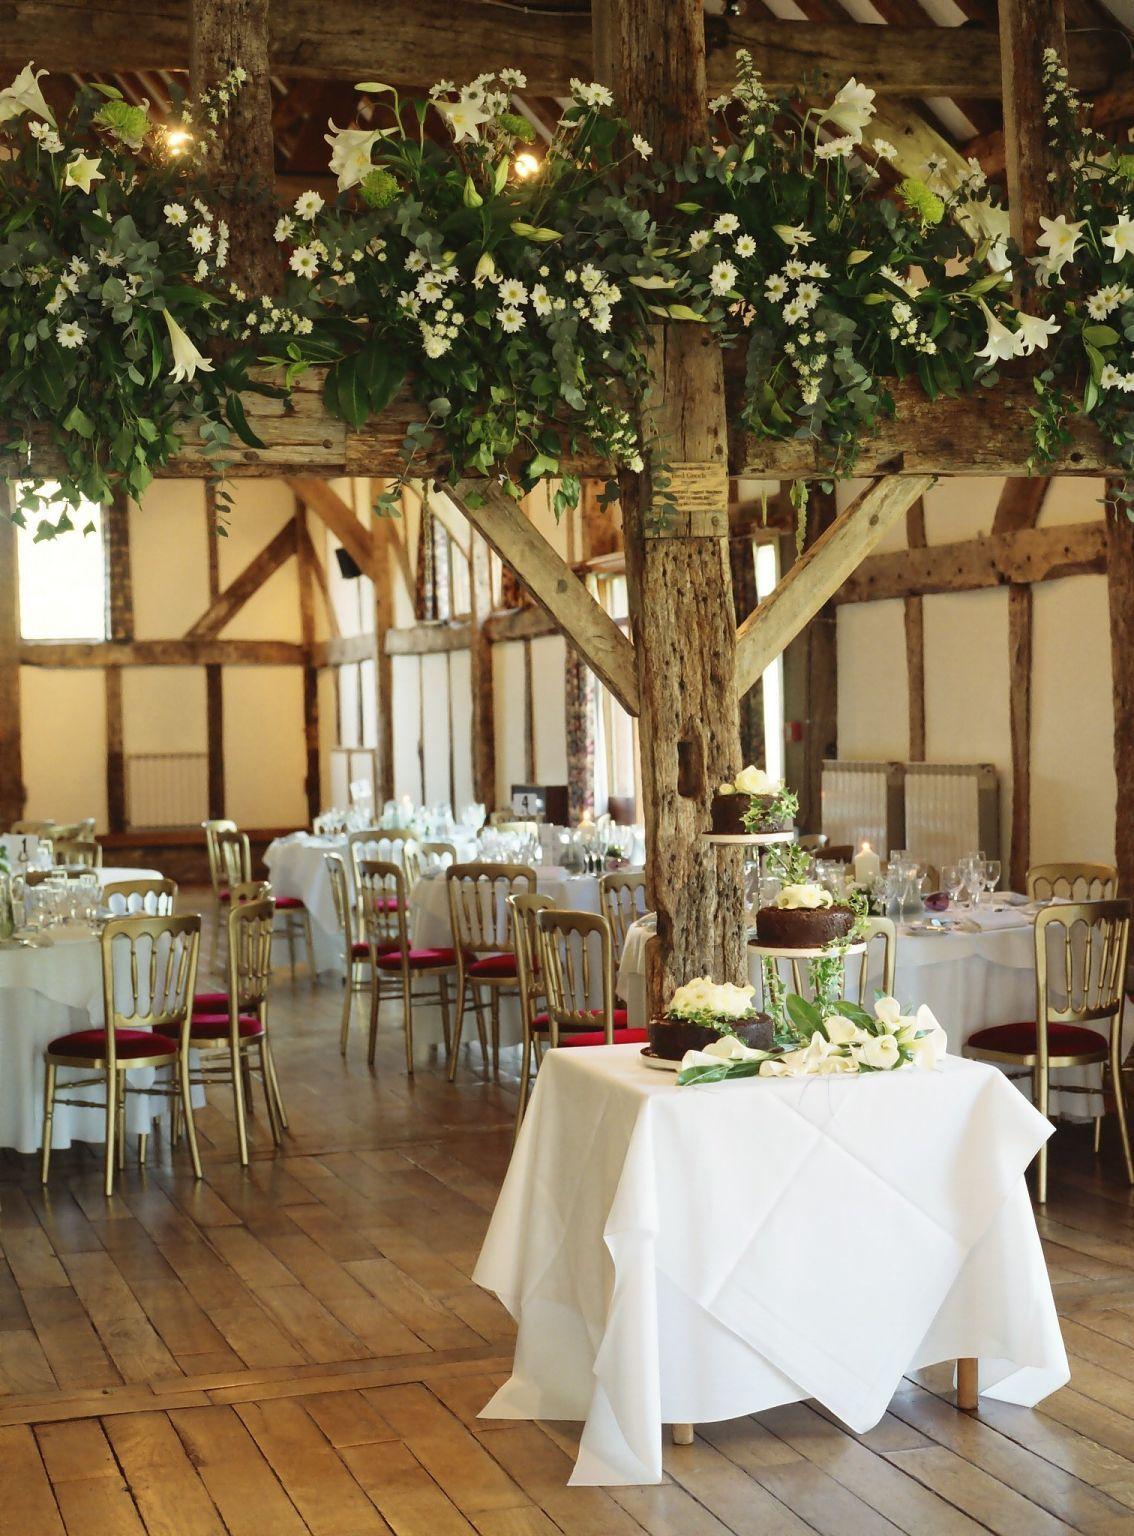 Wedding decorations wedding reception ideas   Farm Wedding Ideas Decorations and Favors  Floral u Decor Ideas